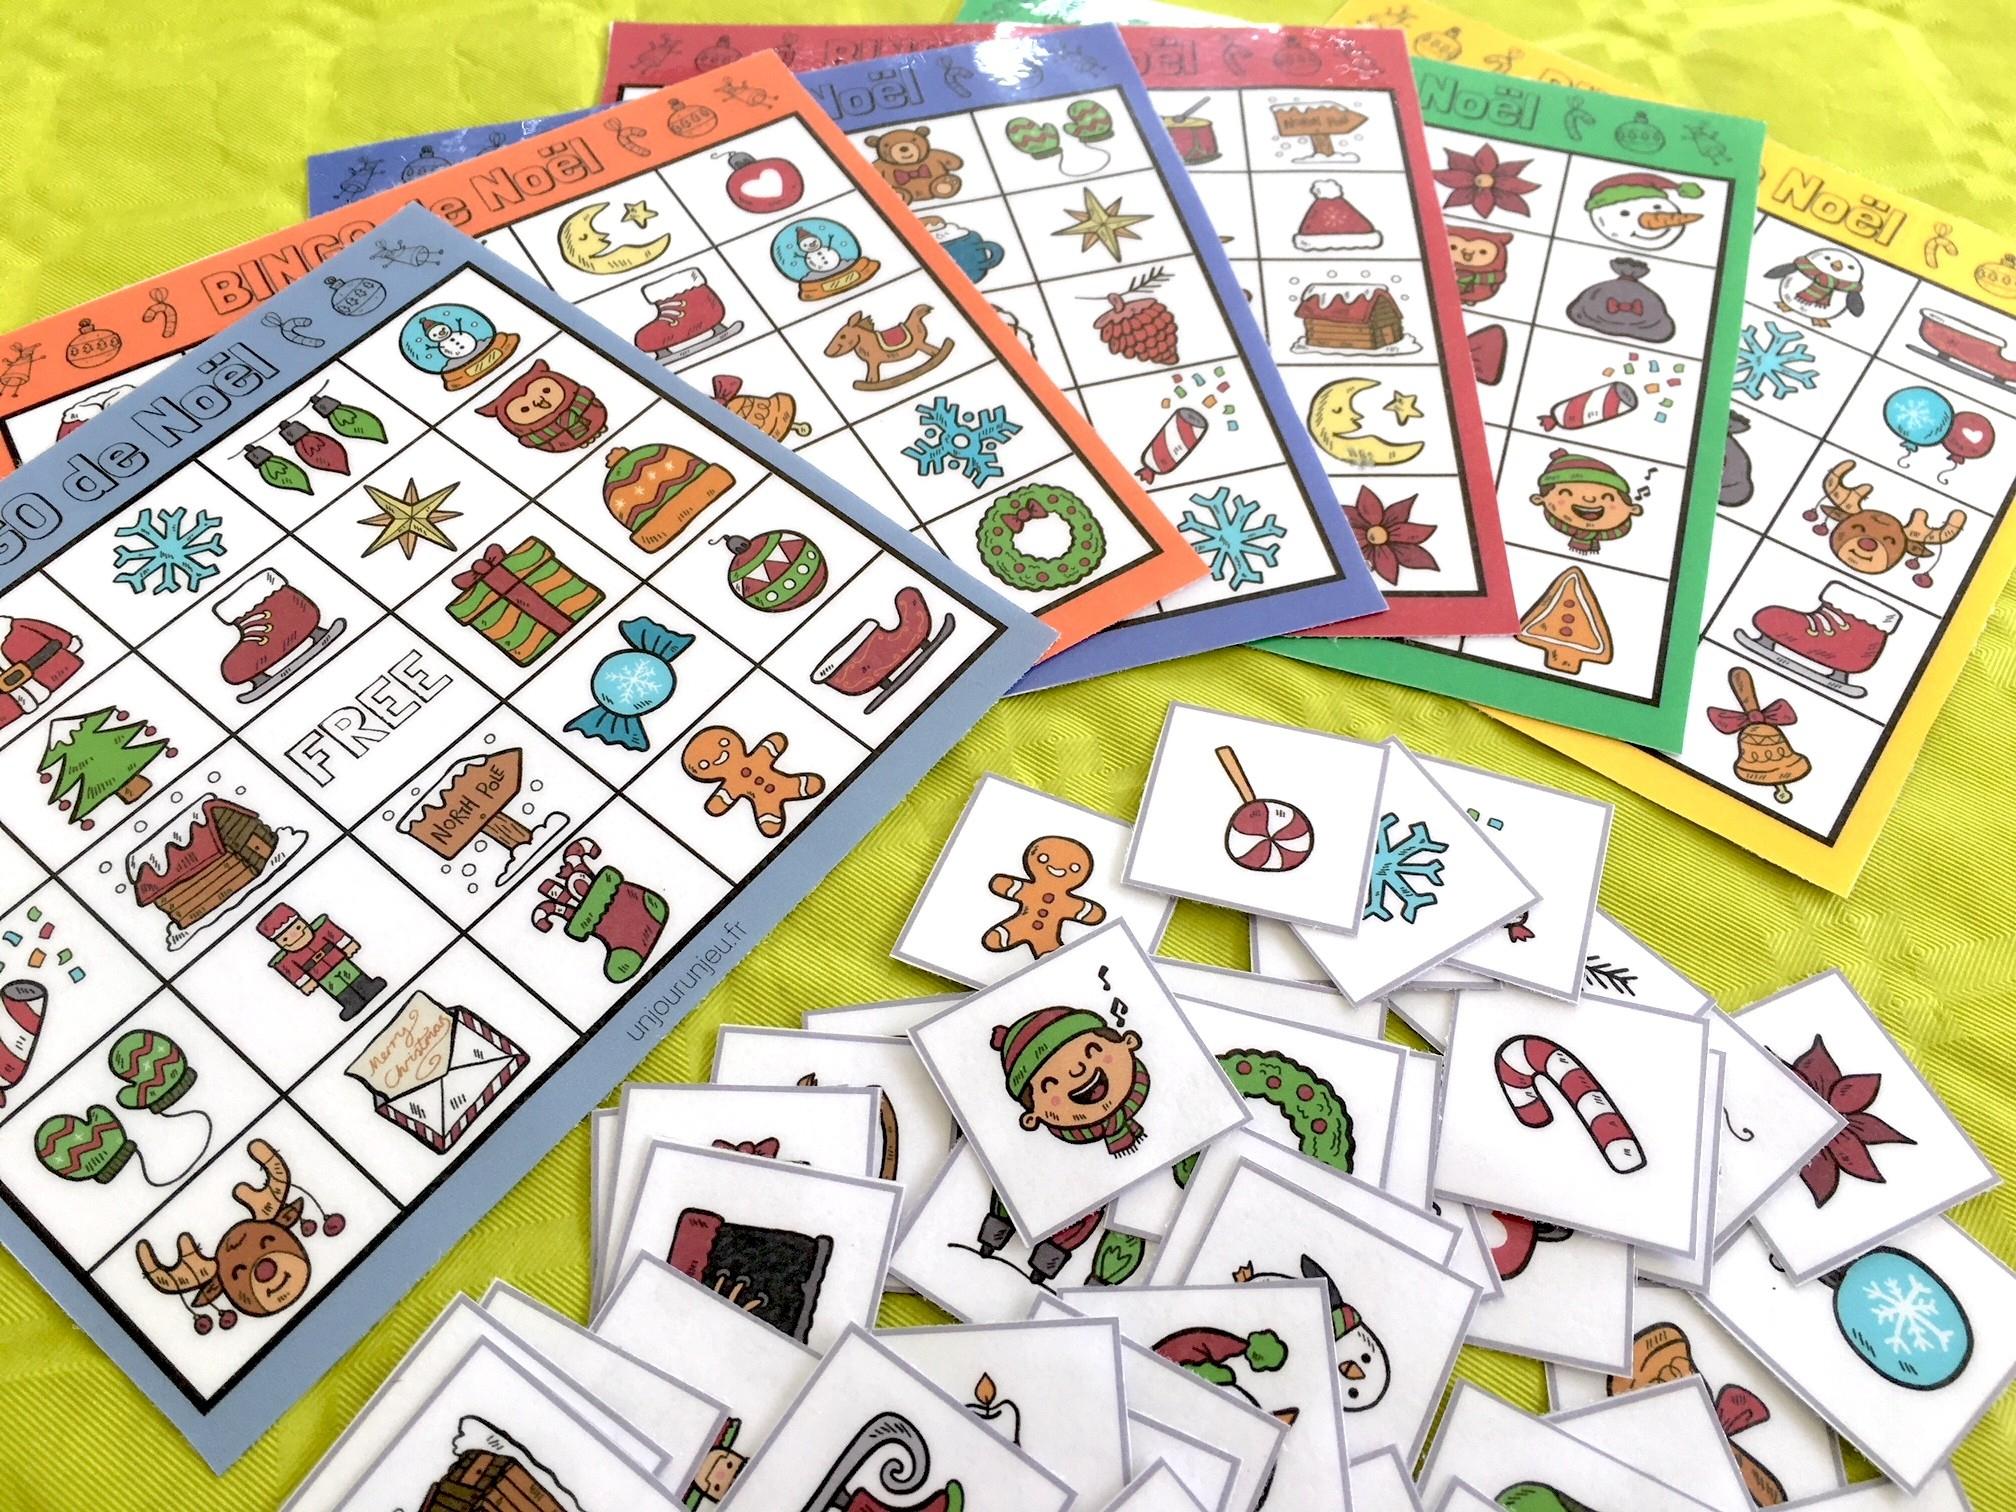 Jeu De Noël : Bingo À Télécharger Gratuitement Pour Vos Enfants serapportantà Jeu Garcon 4 Ans Gratuit